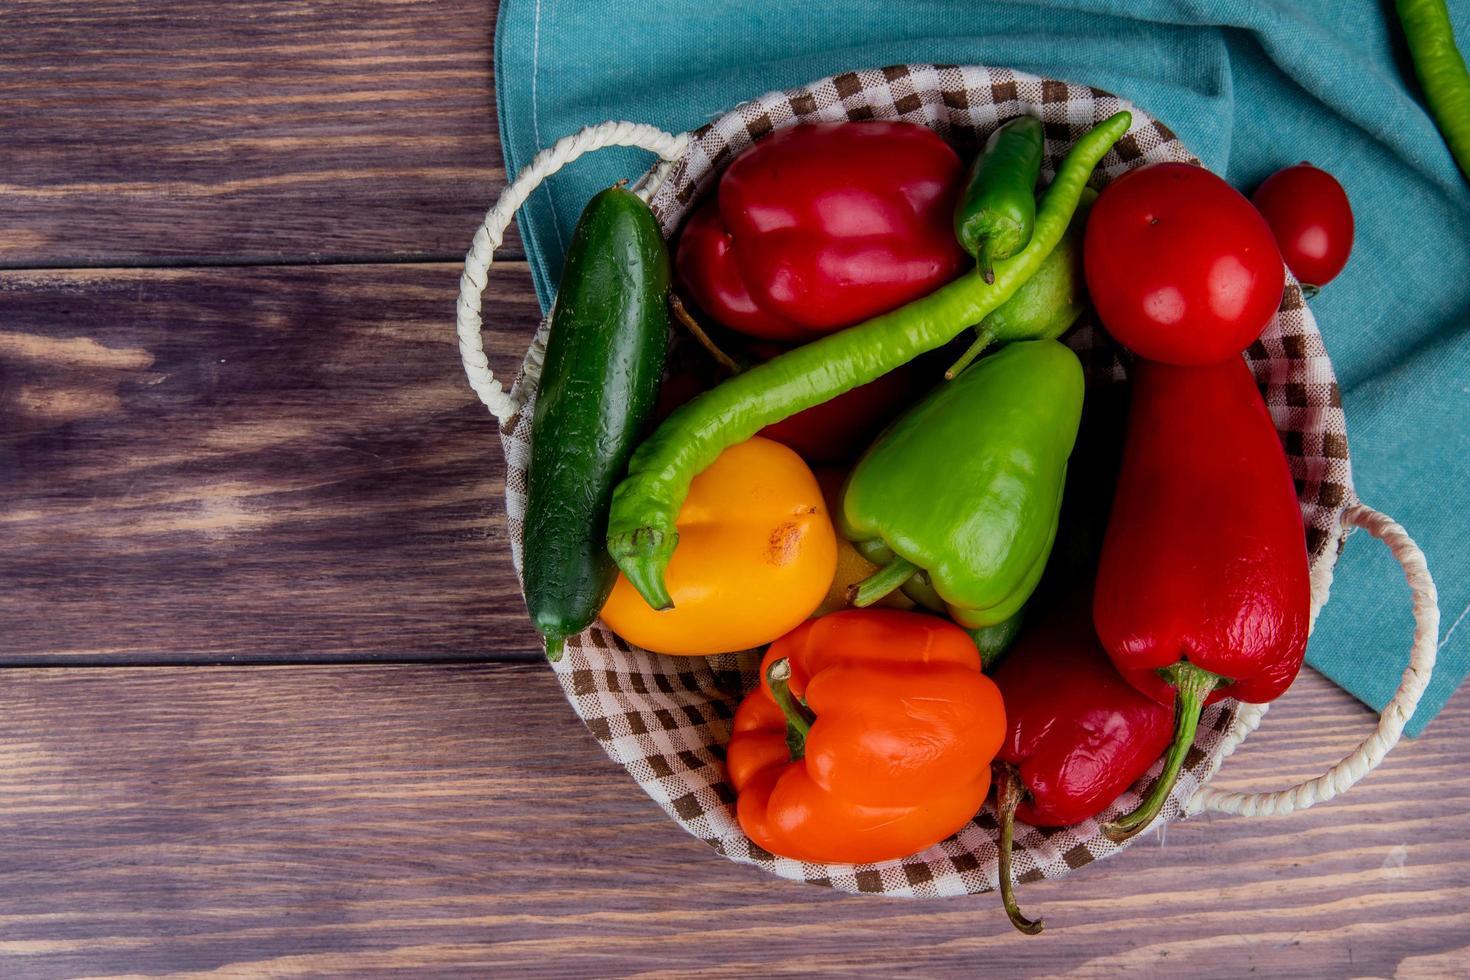 bovenaanzicht van groenten als komkommer paprika tomaat in mand op blauwe doek en houten achtergrond met kopie ruimte foto